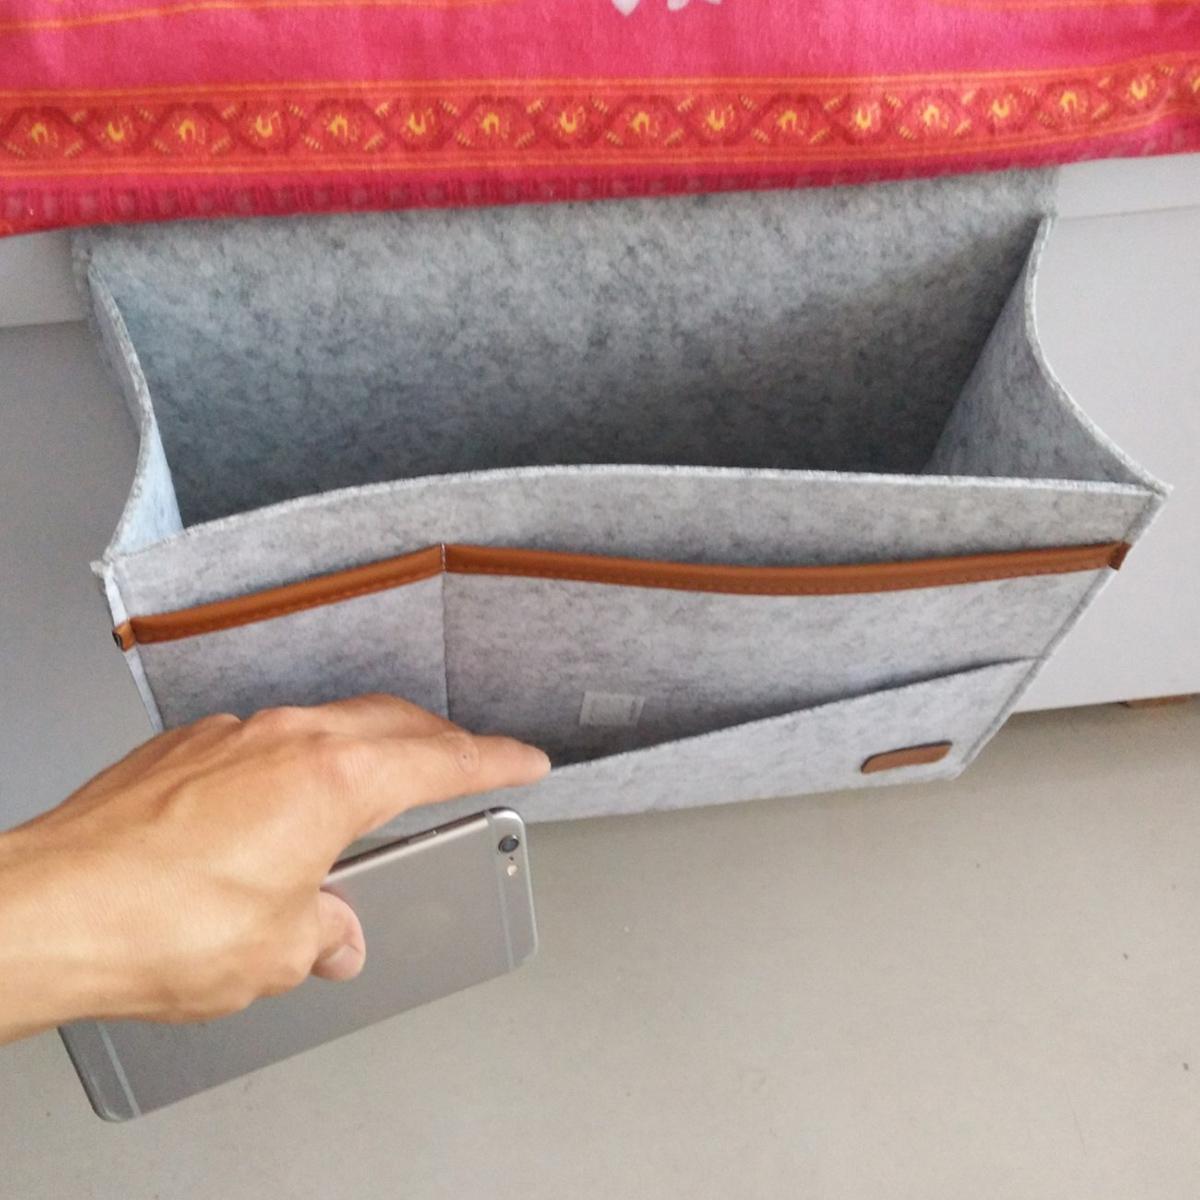 Bedside Pocket Storage Baskets Hanging Bag Felt Sofa Phone Book Organizer Remote